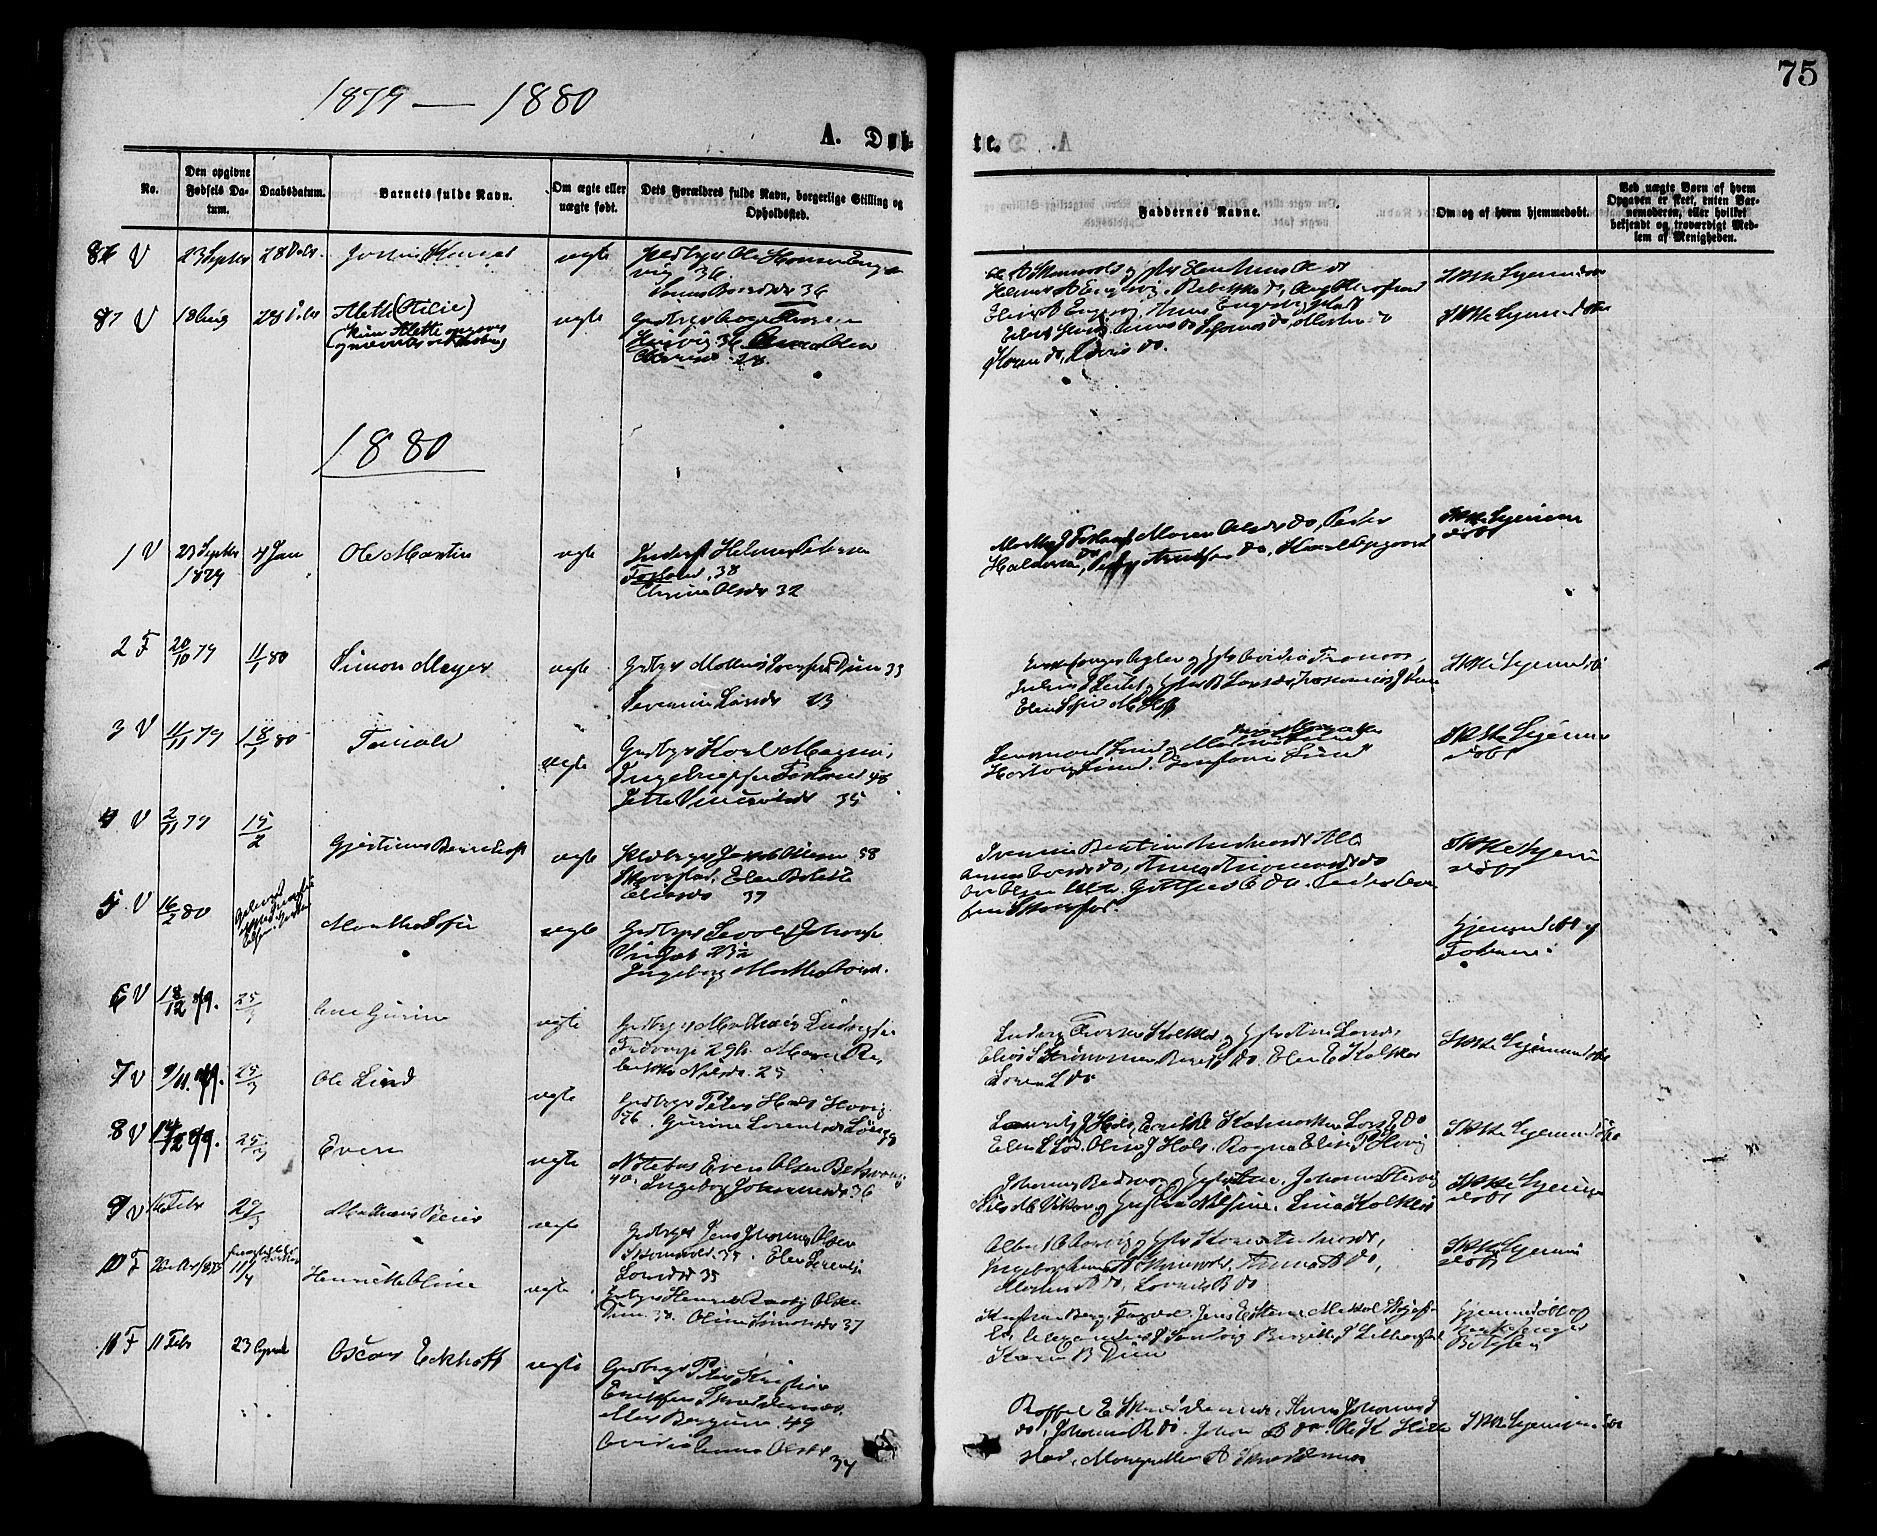 SAT, Ministerialprotokoller, klokkerbøker og fødselsregistre - Nord-Trøndelag, 773/L0616: Ministerialbok nr. 773A07, 1870-1887, s. 75